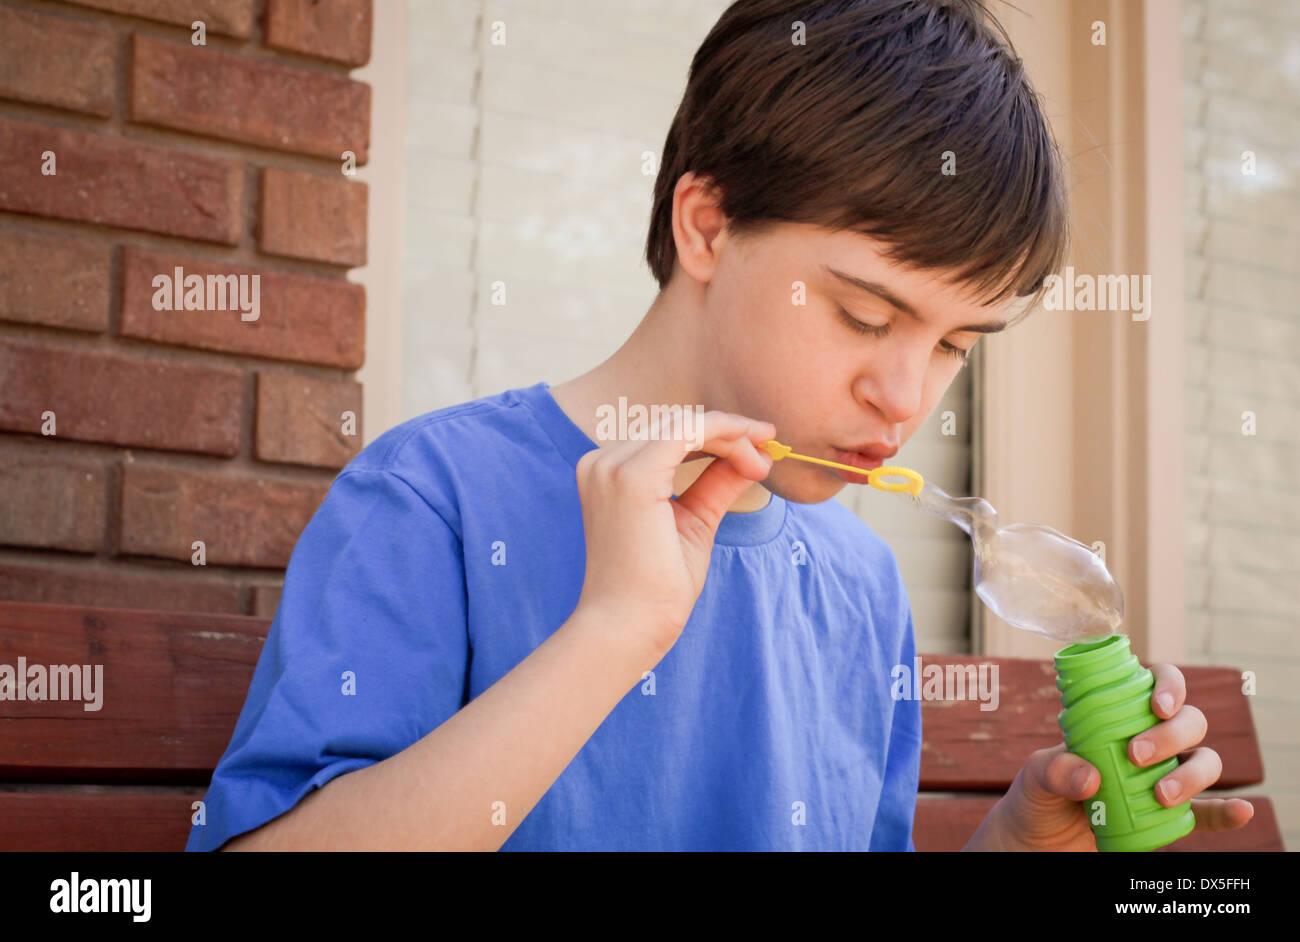 Juego Sensorial Para Ninos Con Autismo Foto Imagen De Stock